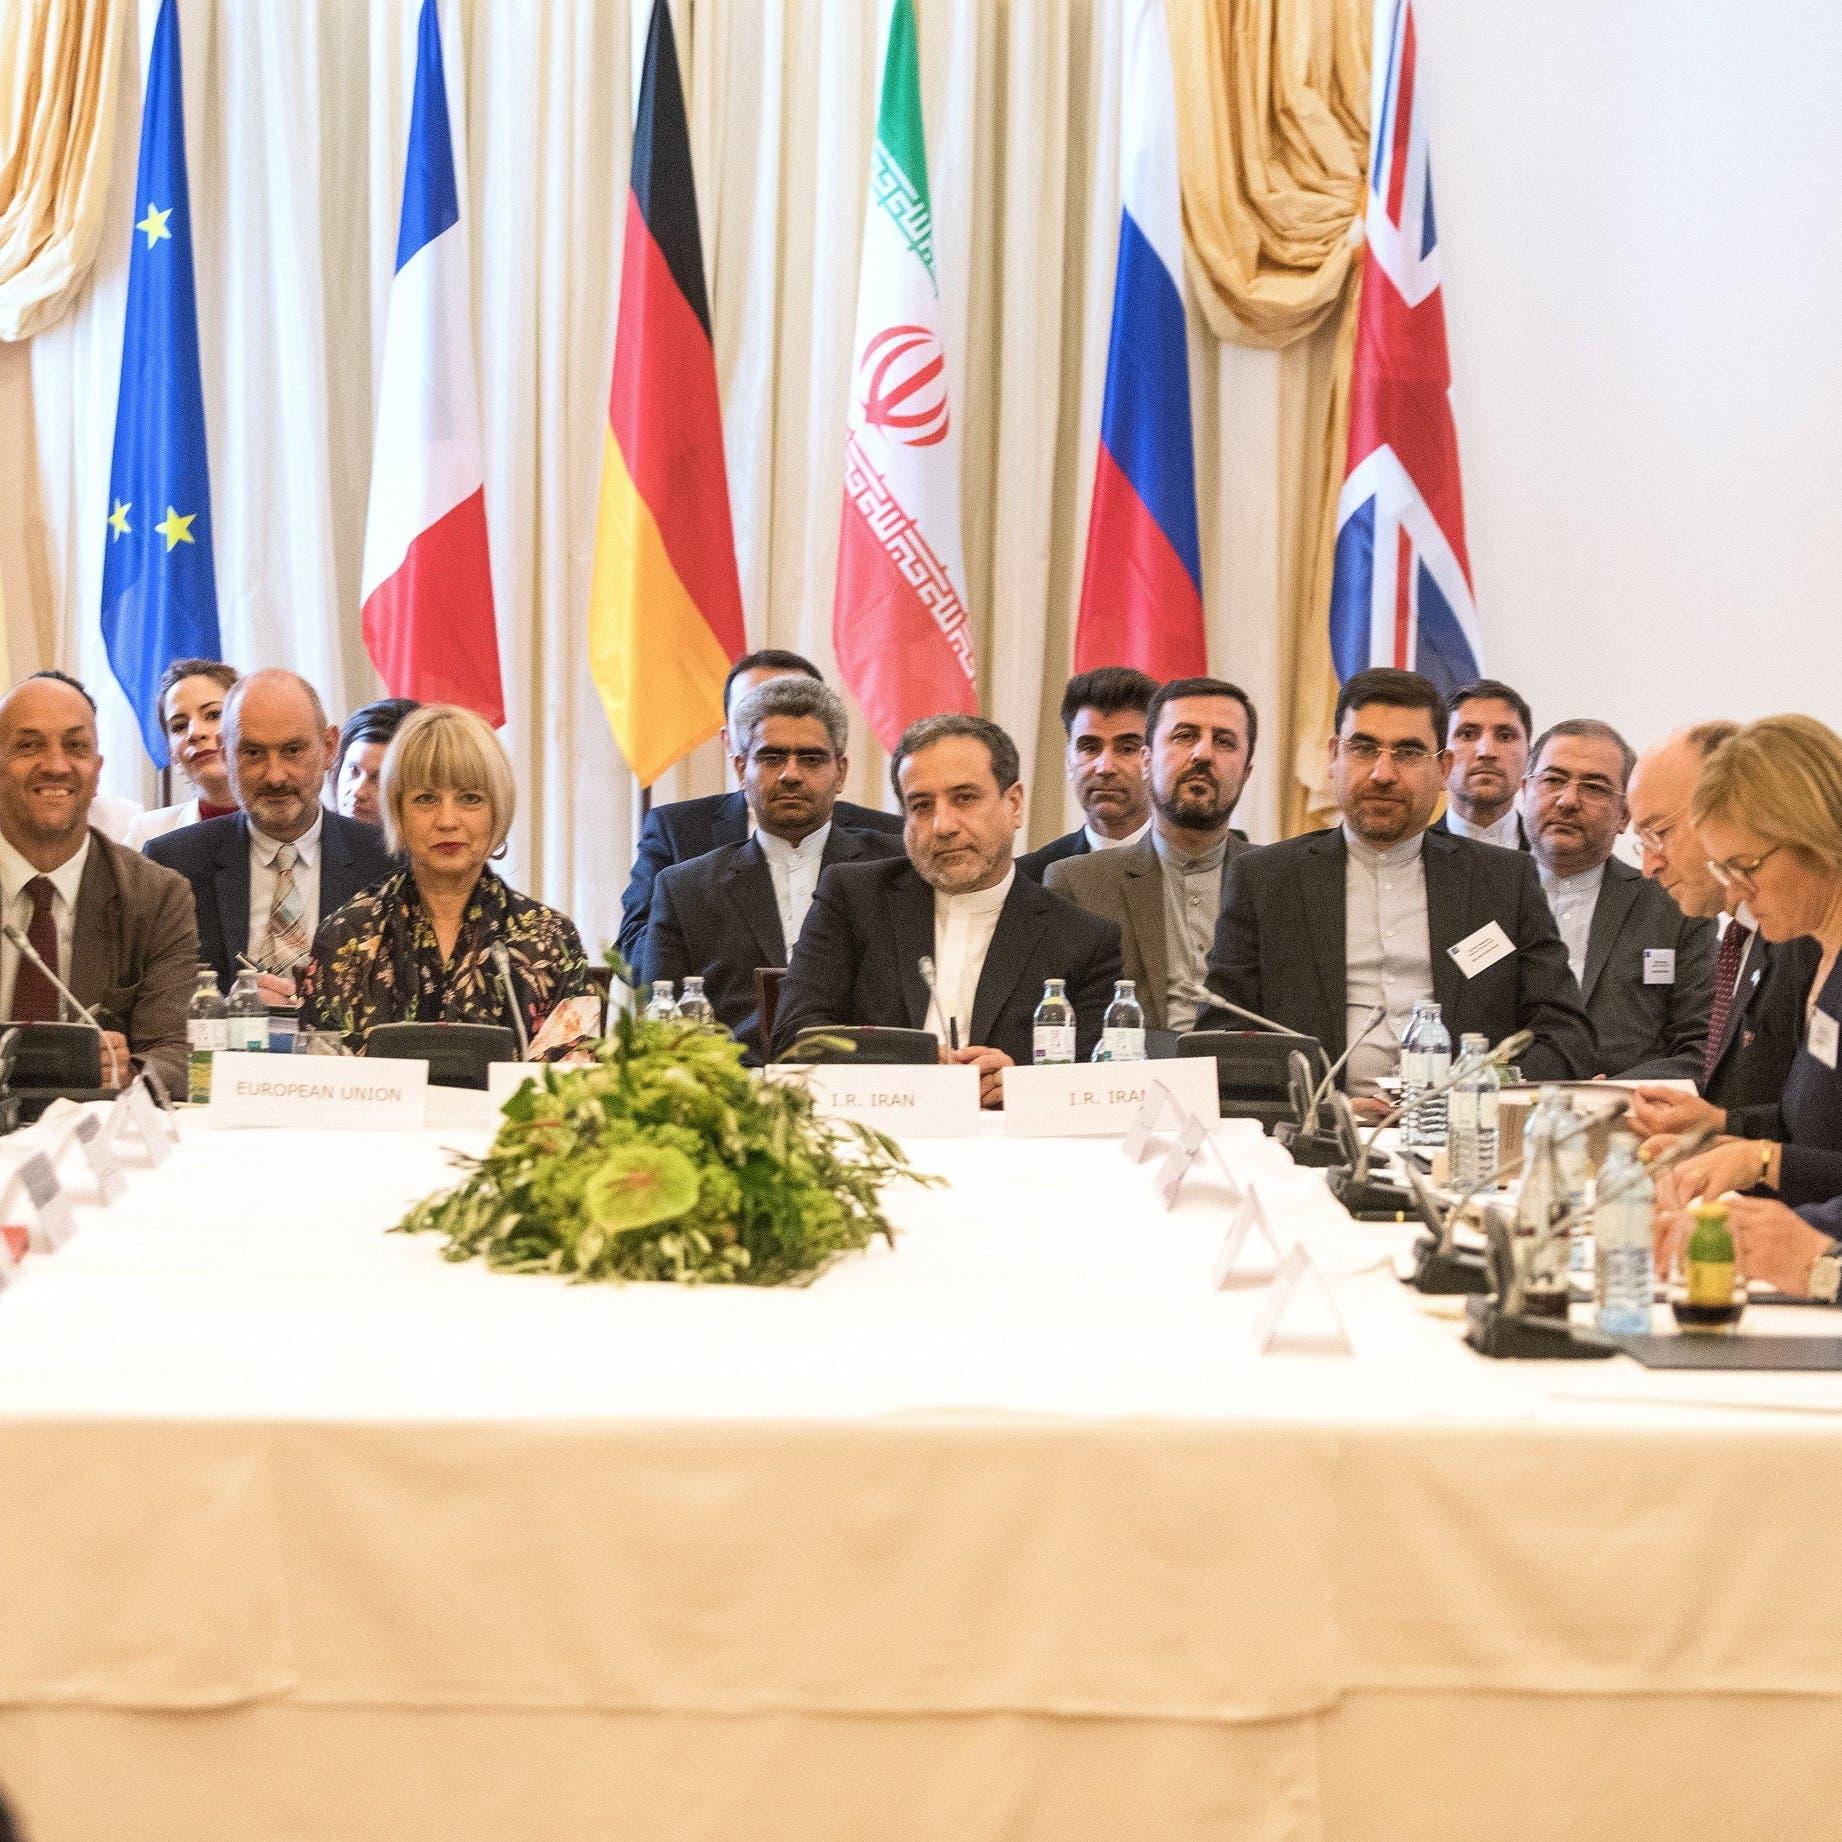 اجتماع أوروبي إيراني في ديسمبر لإنقاذ الاتفاق النووي